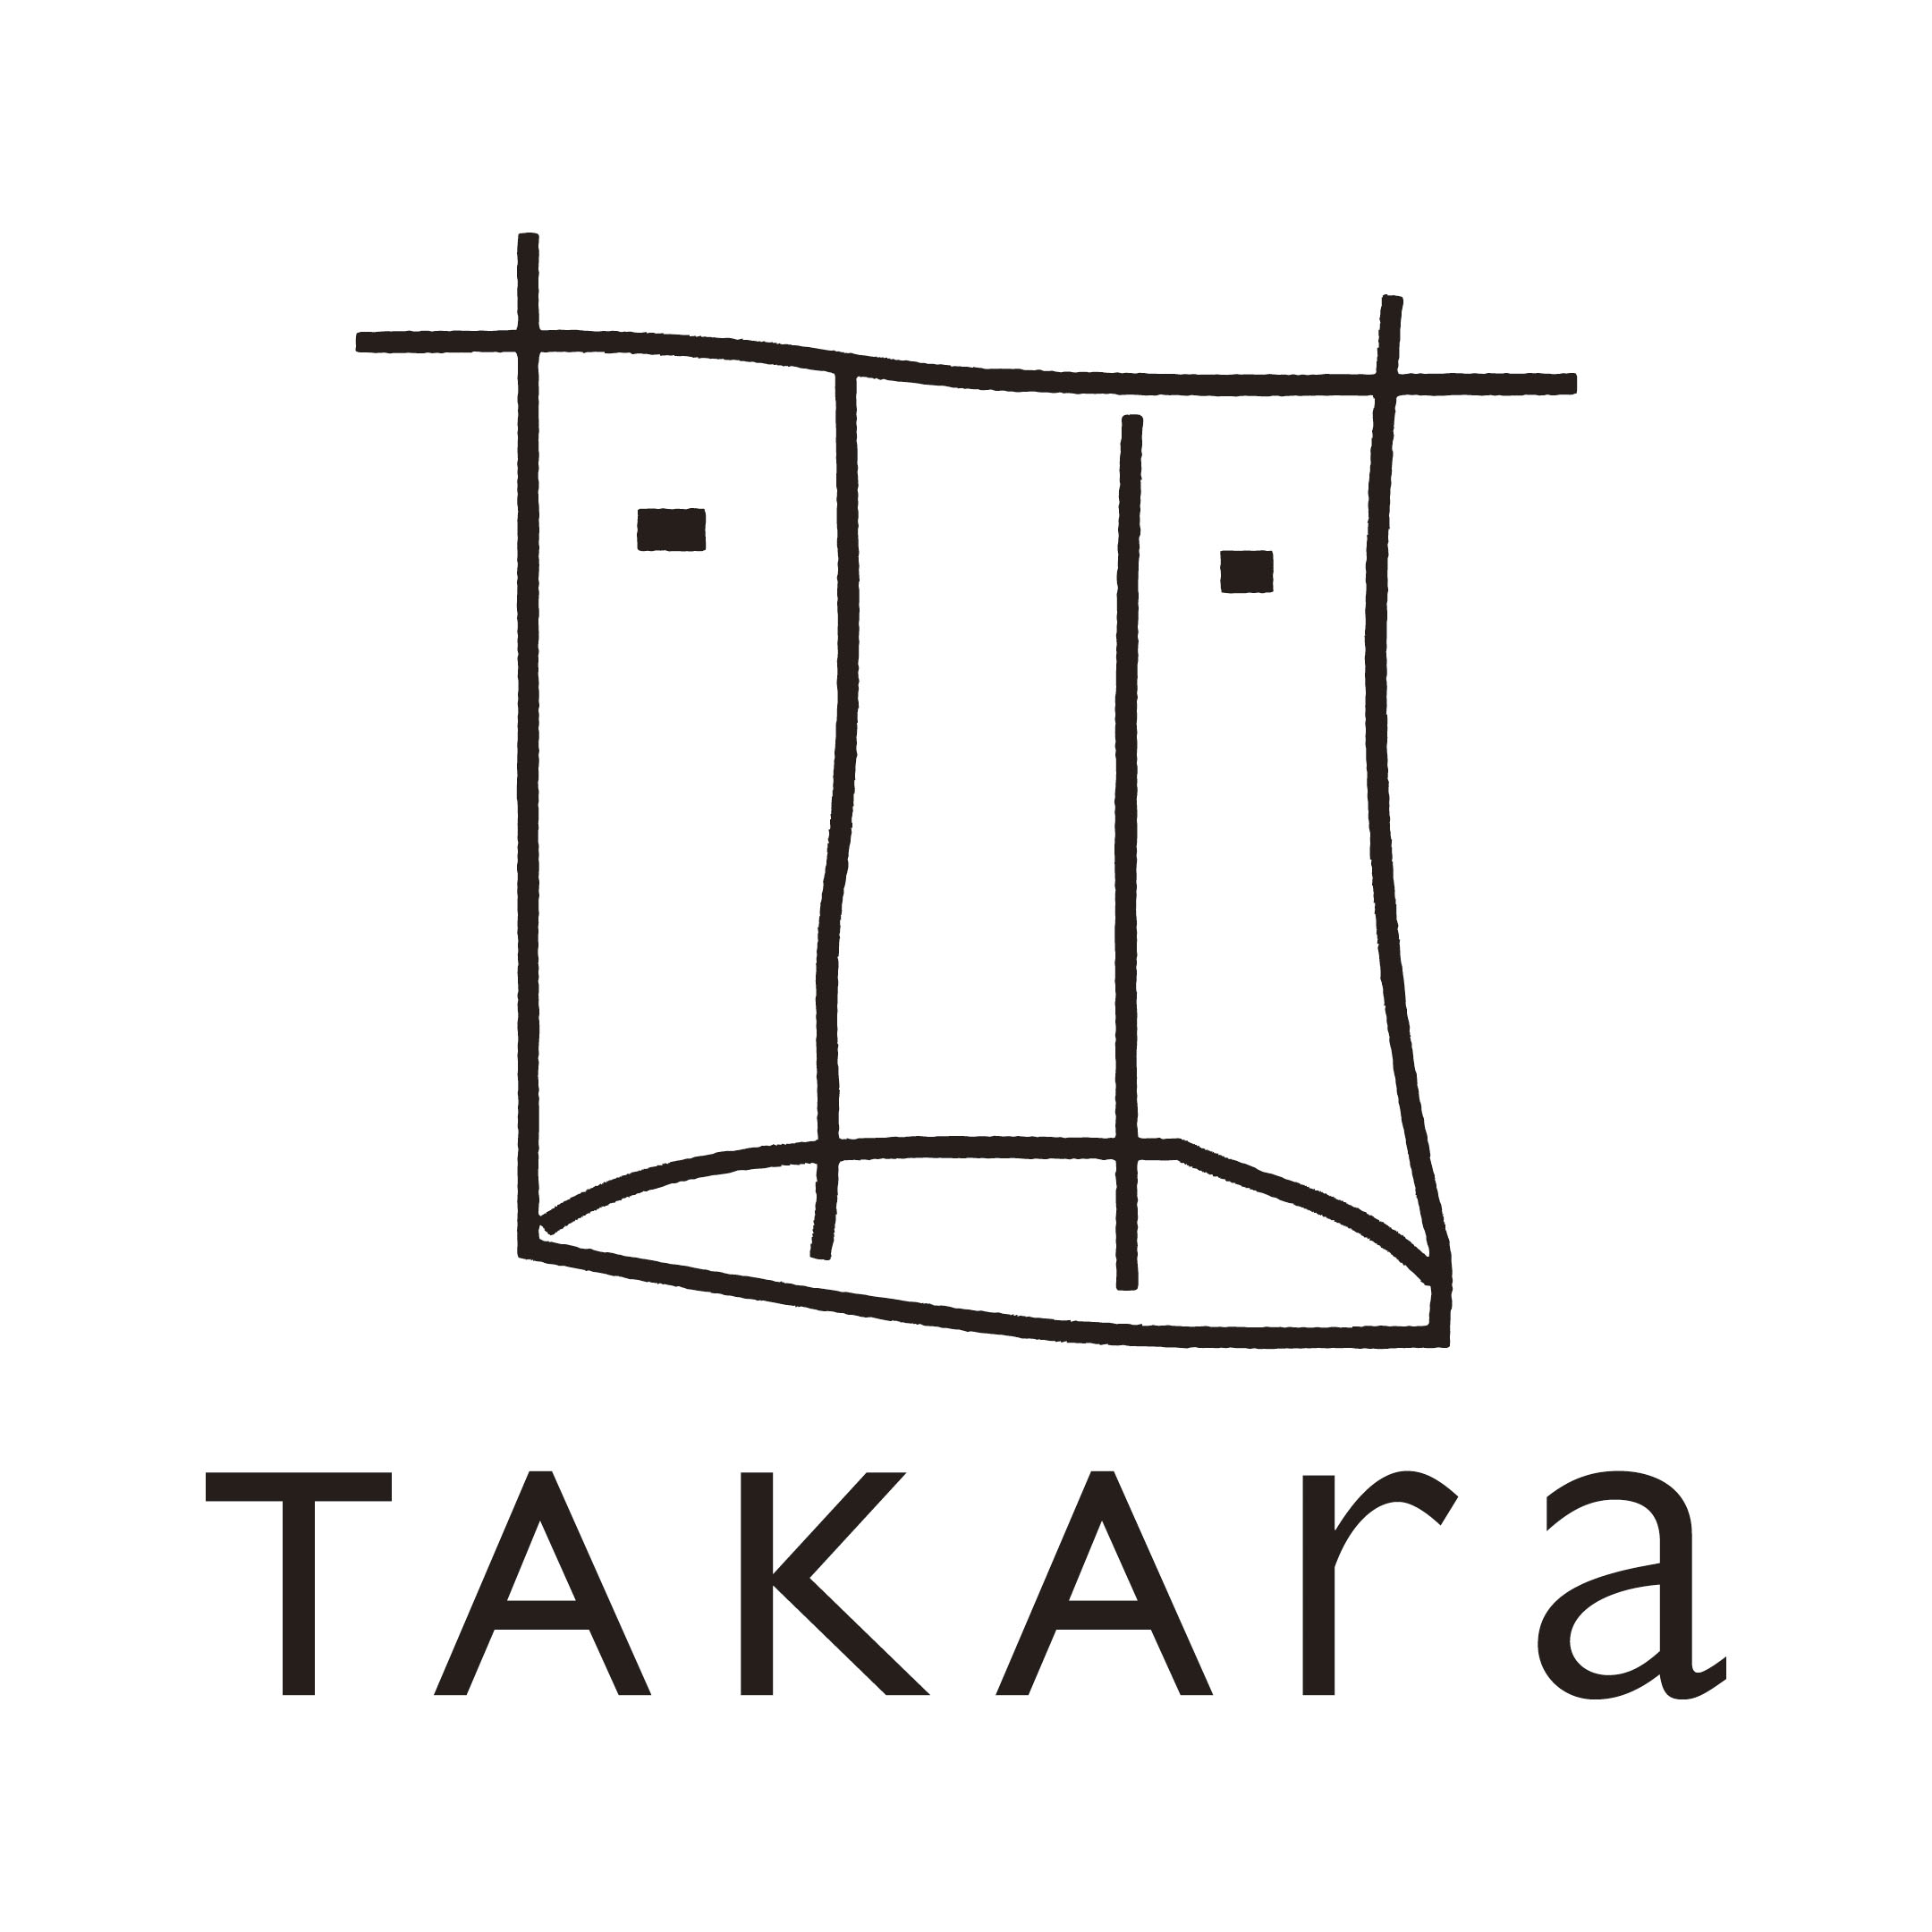 Farm Takara